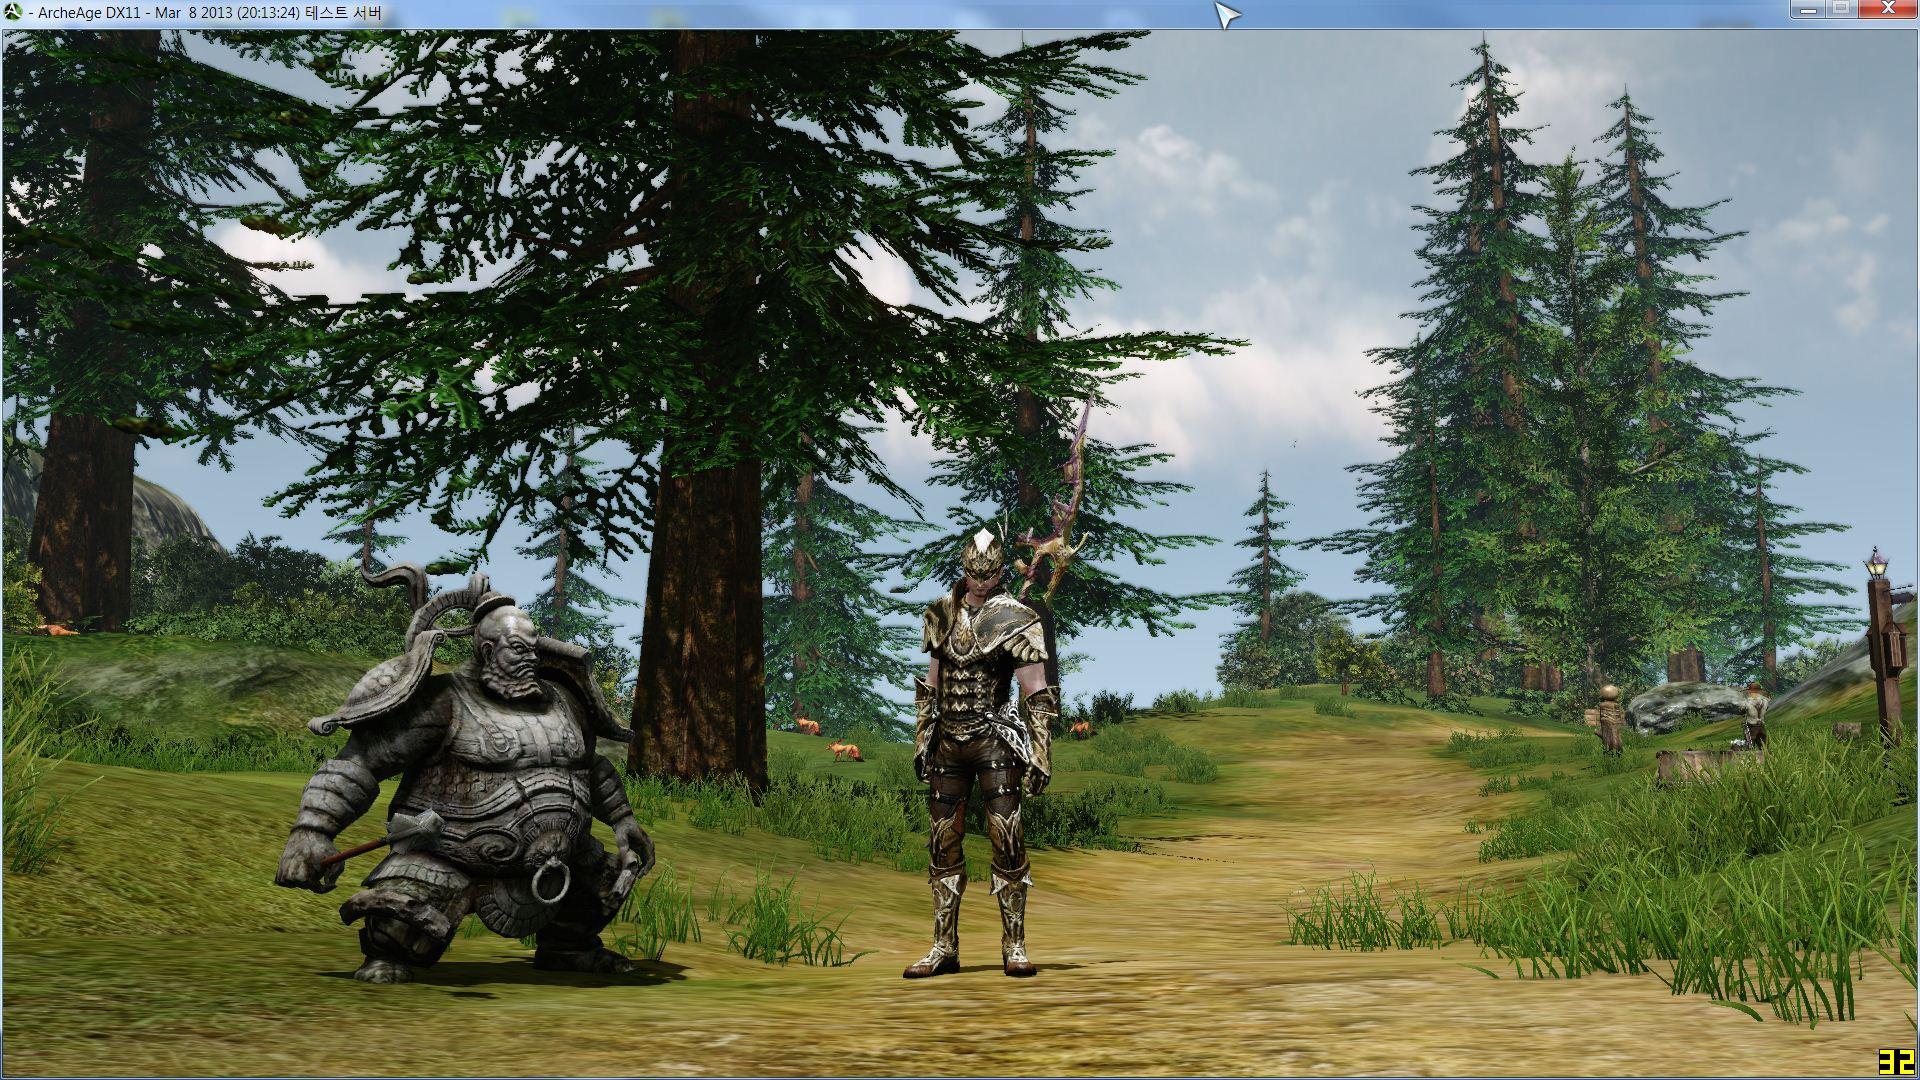 Battle Pet - ArcheAge Wiki